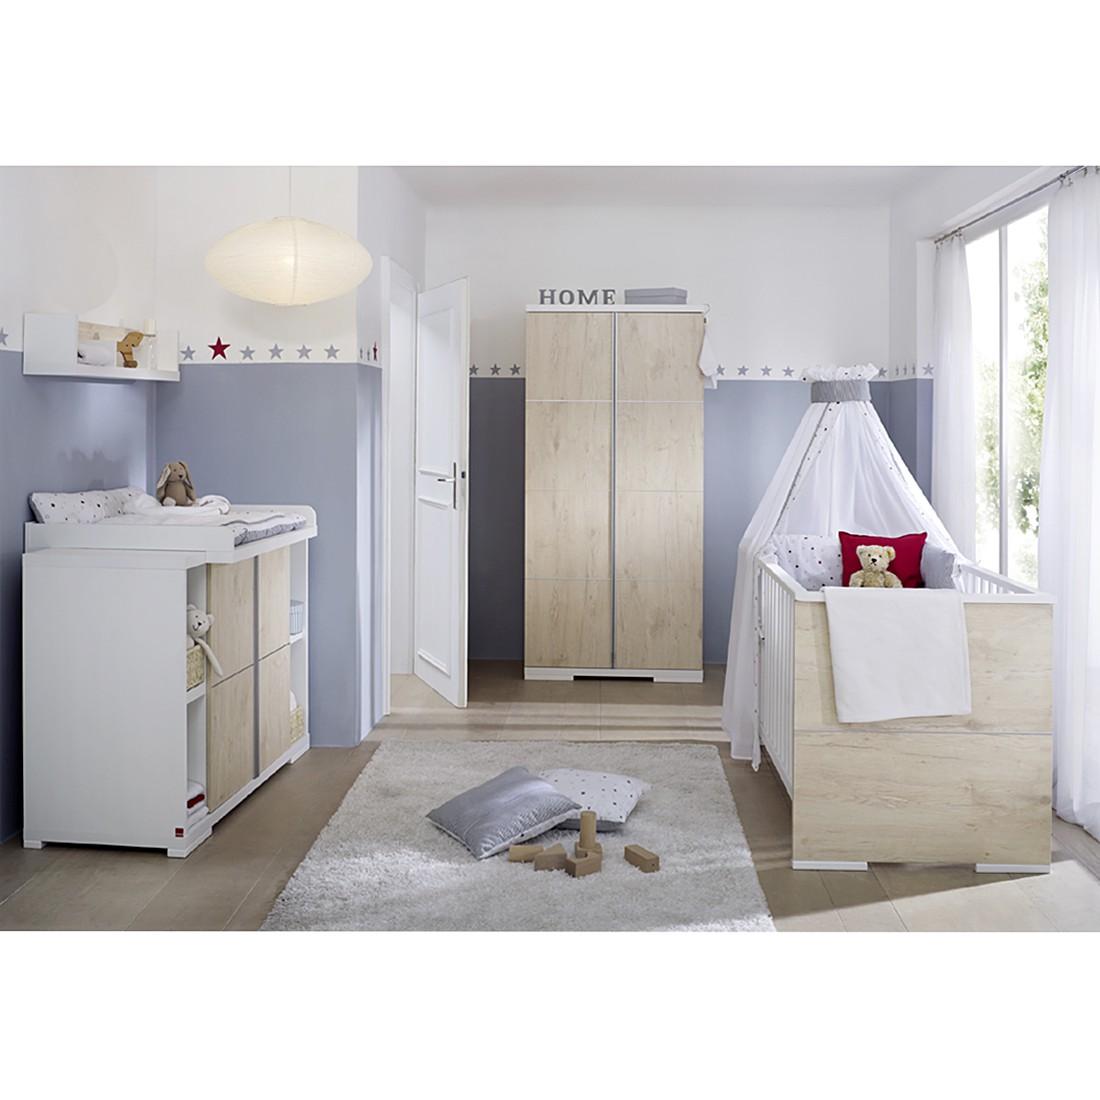 Set MAXIMO – Lancelot Oak / Weiß – Set MAXIMO mit Schrank 2-türig, Schardt online kaufen